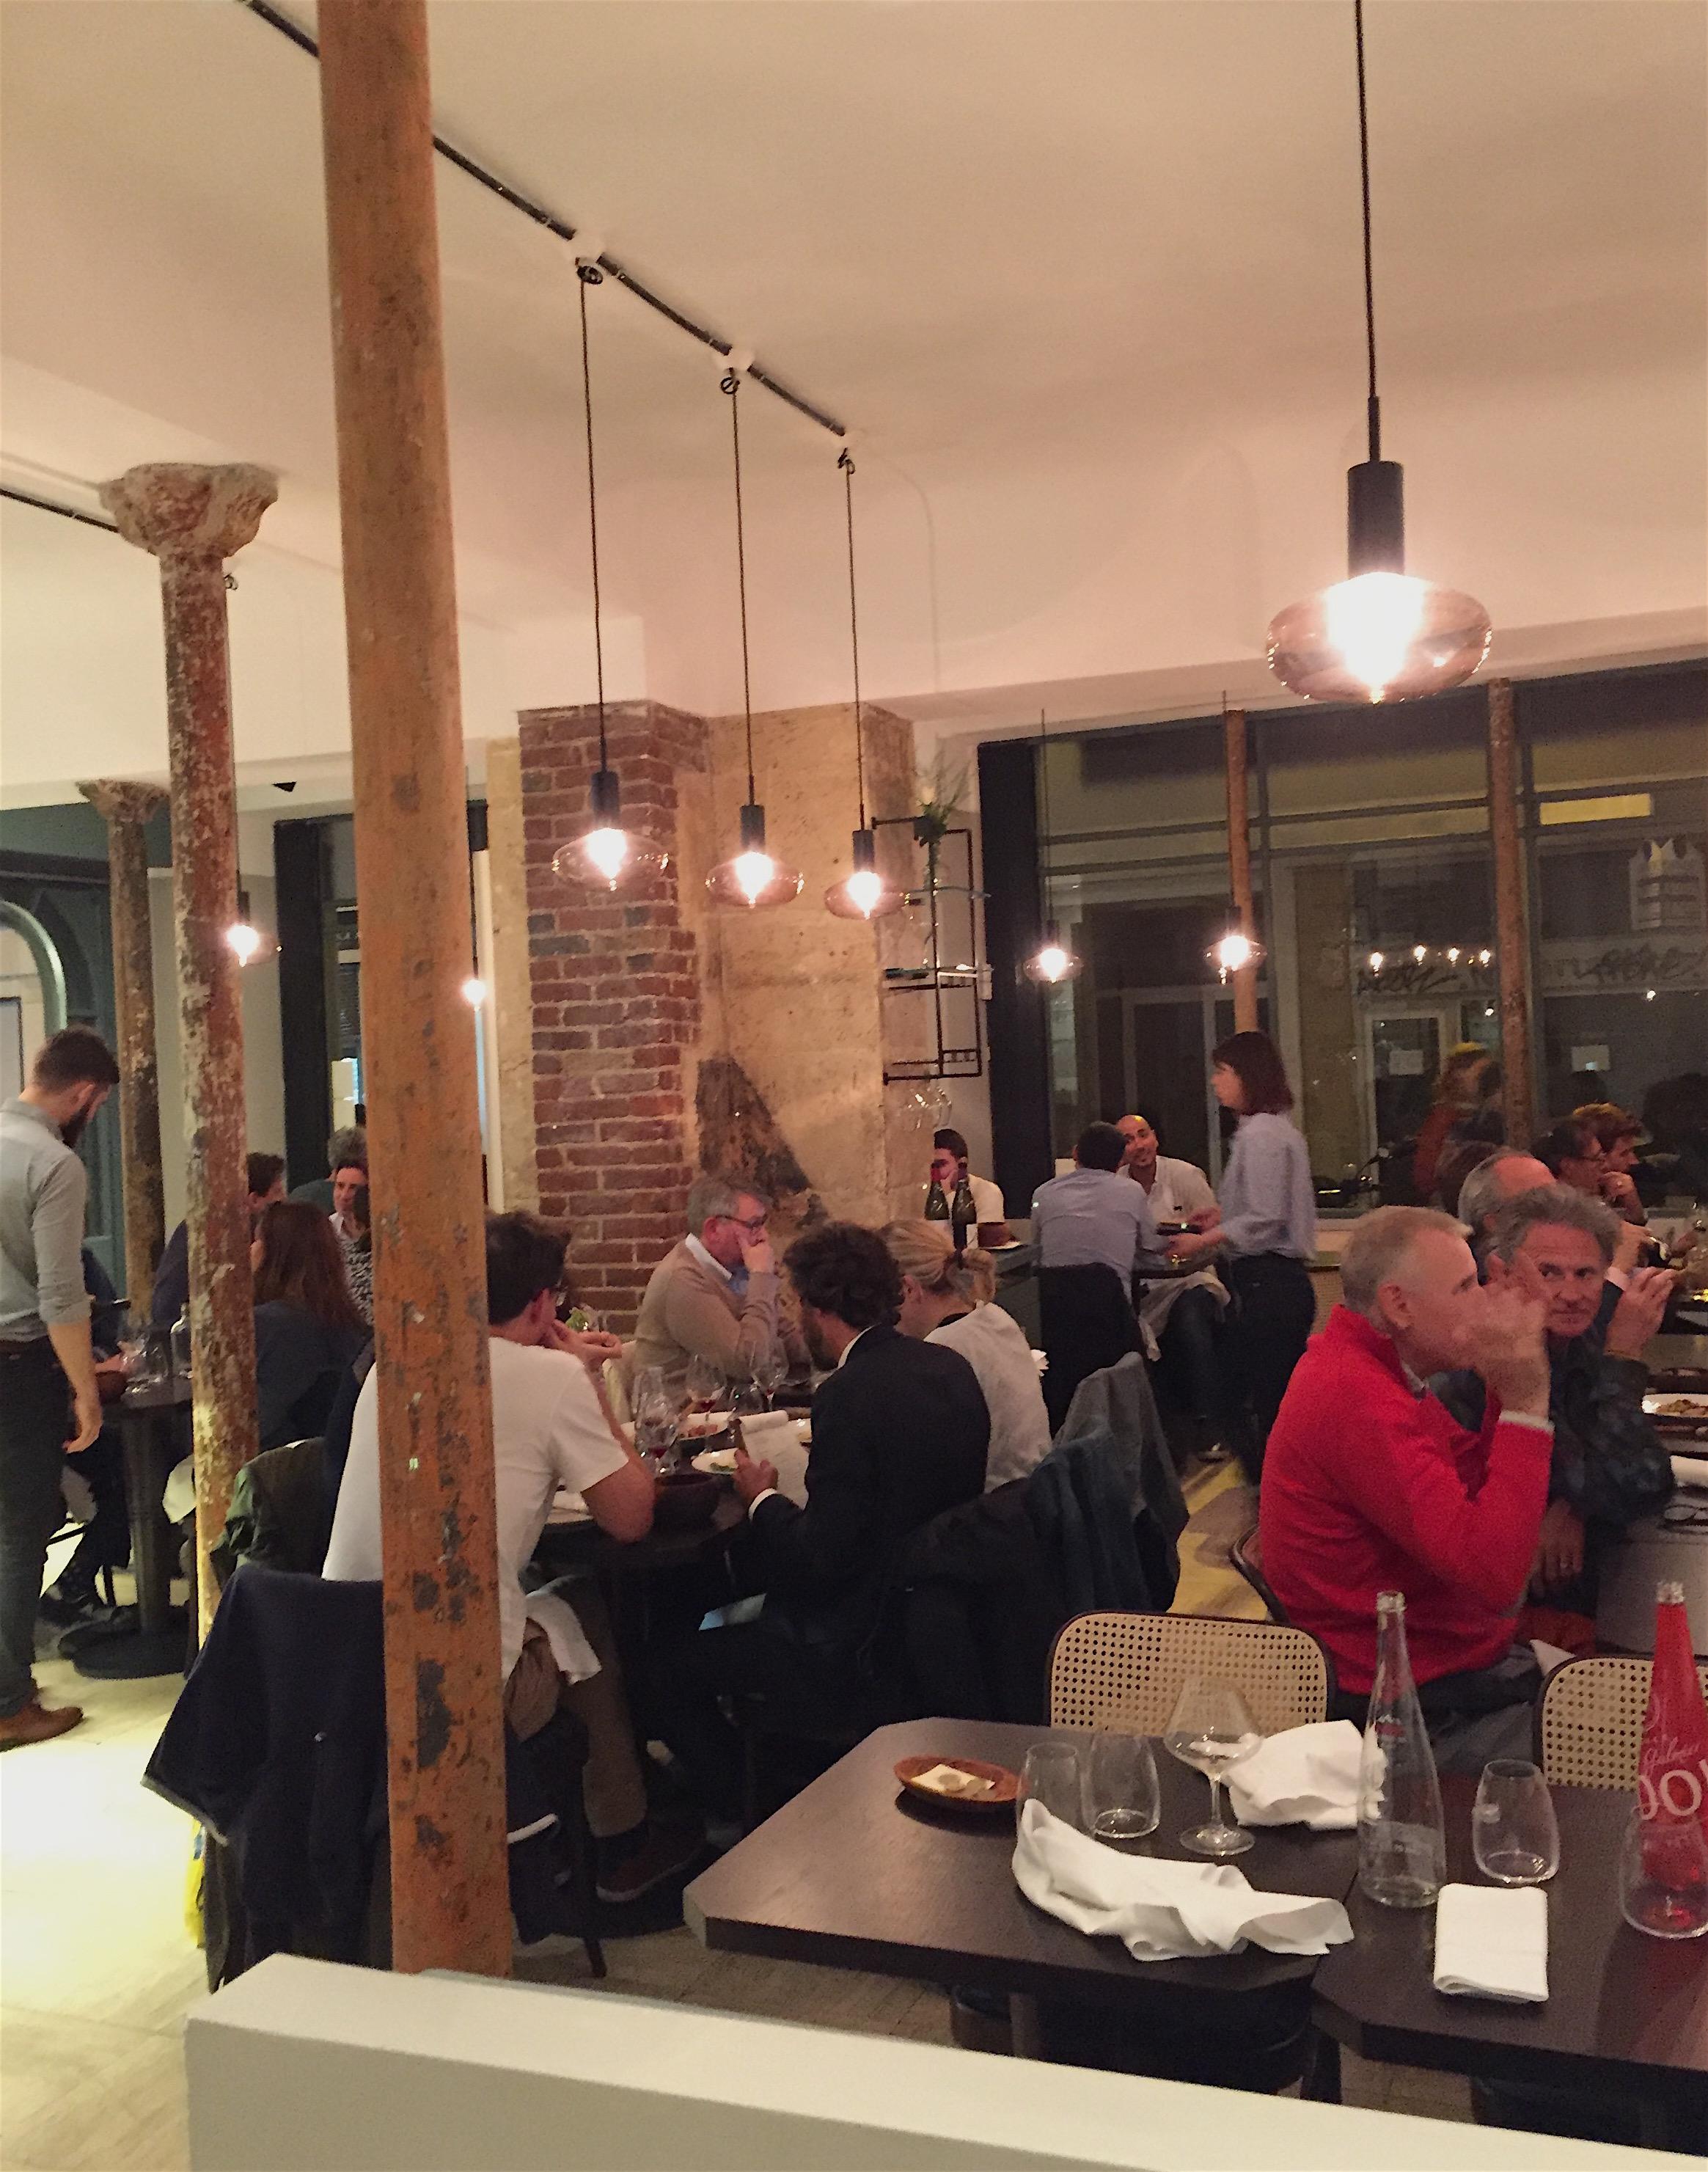 Restaurant Eels - Dining room @ Alexander Lobrano